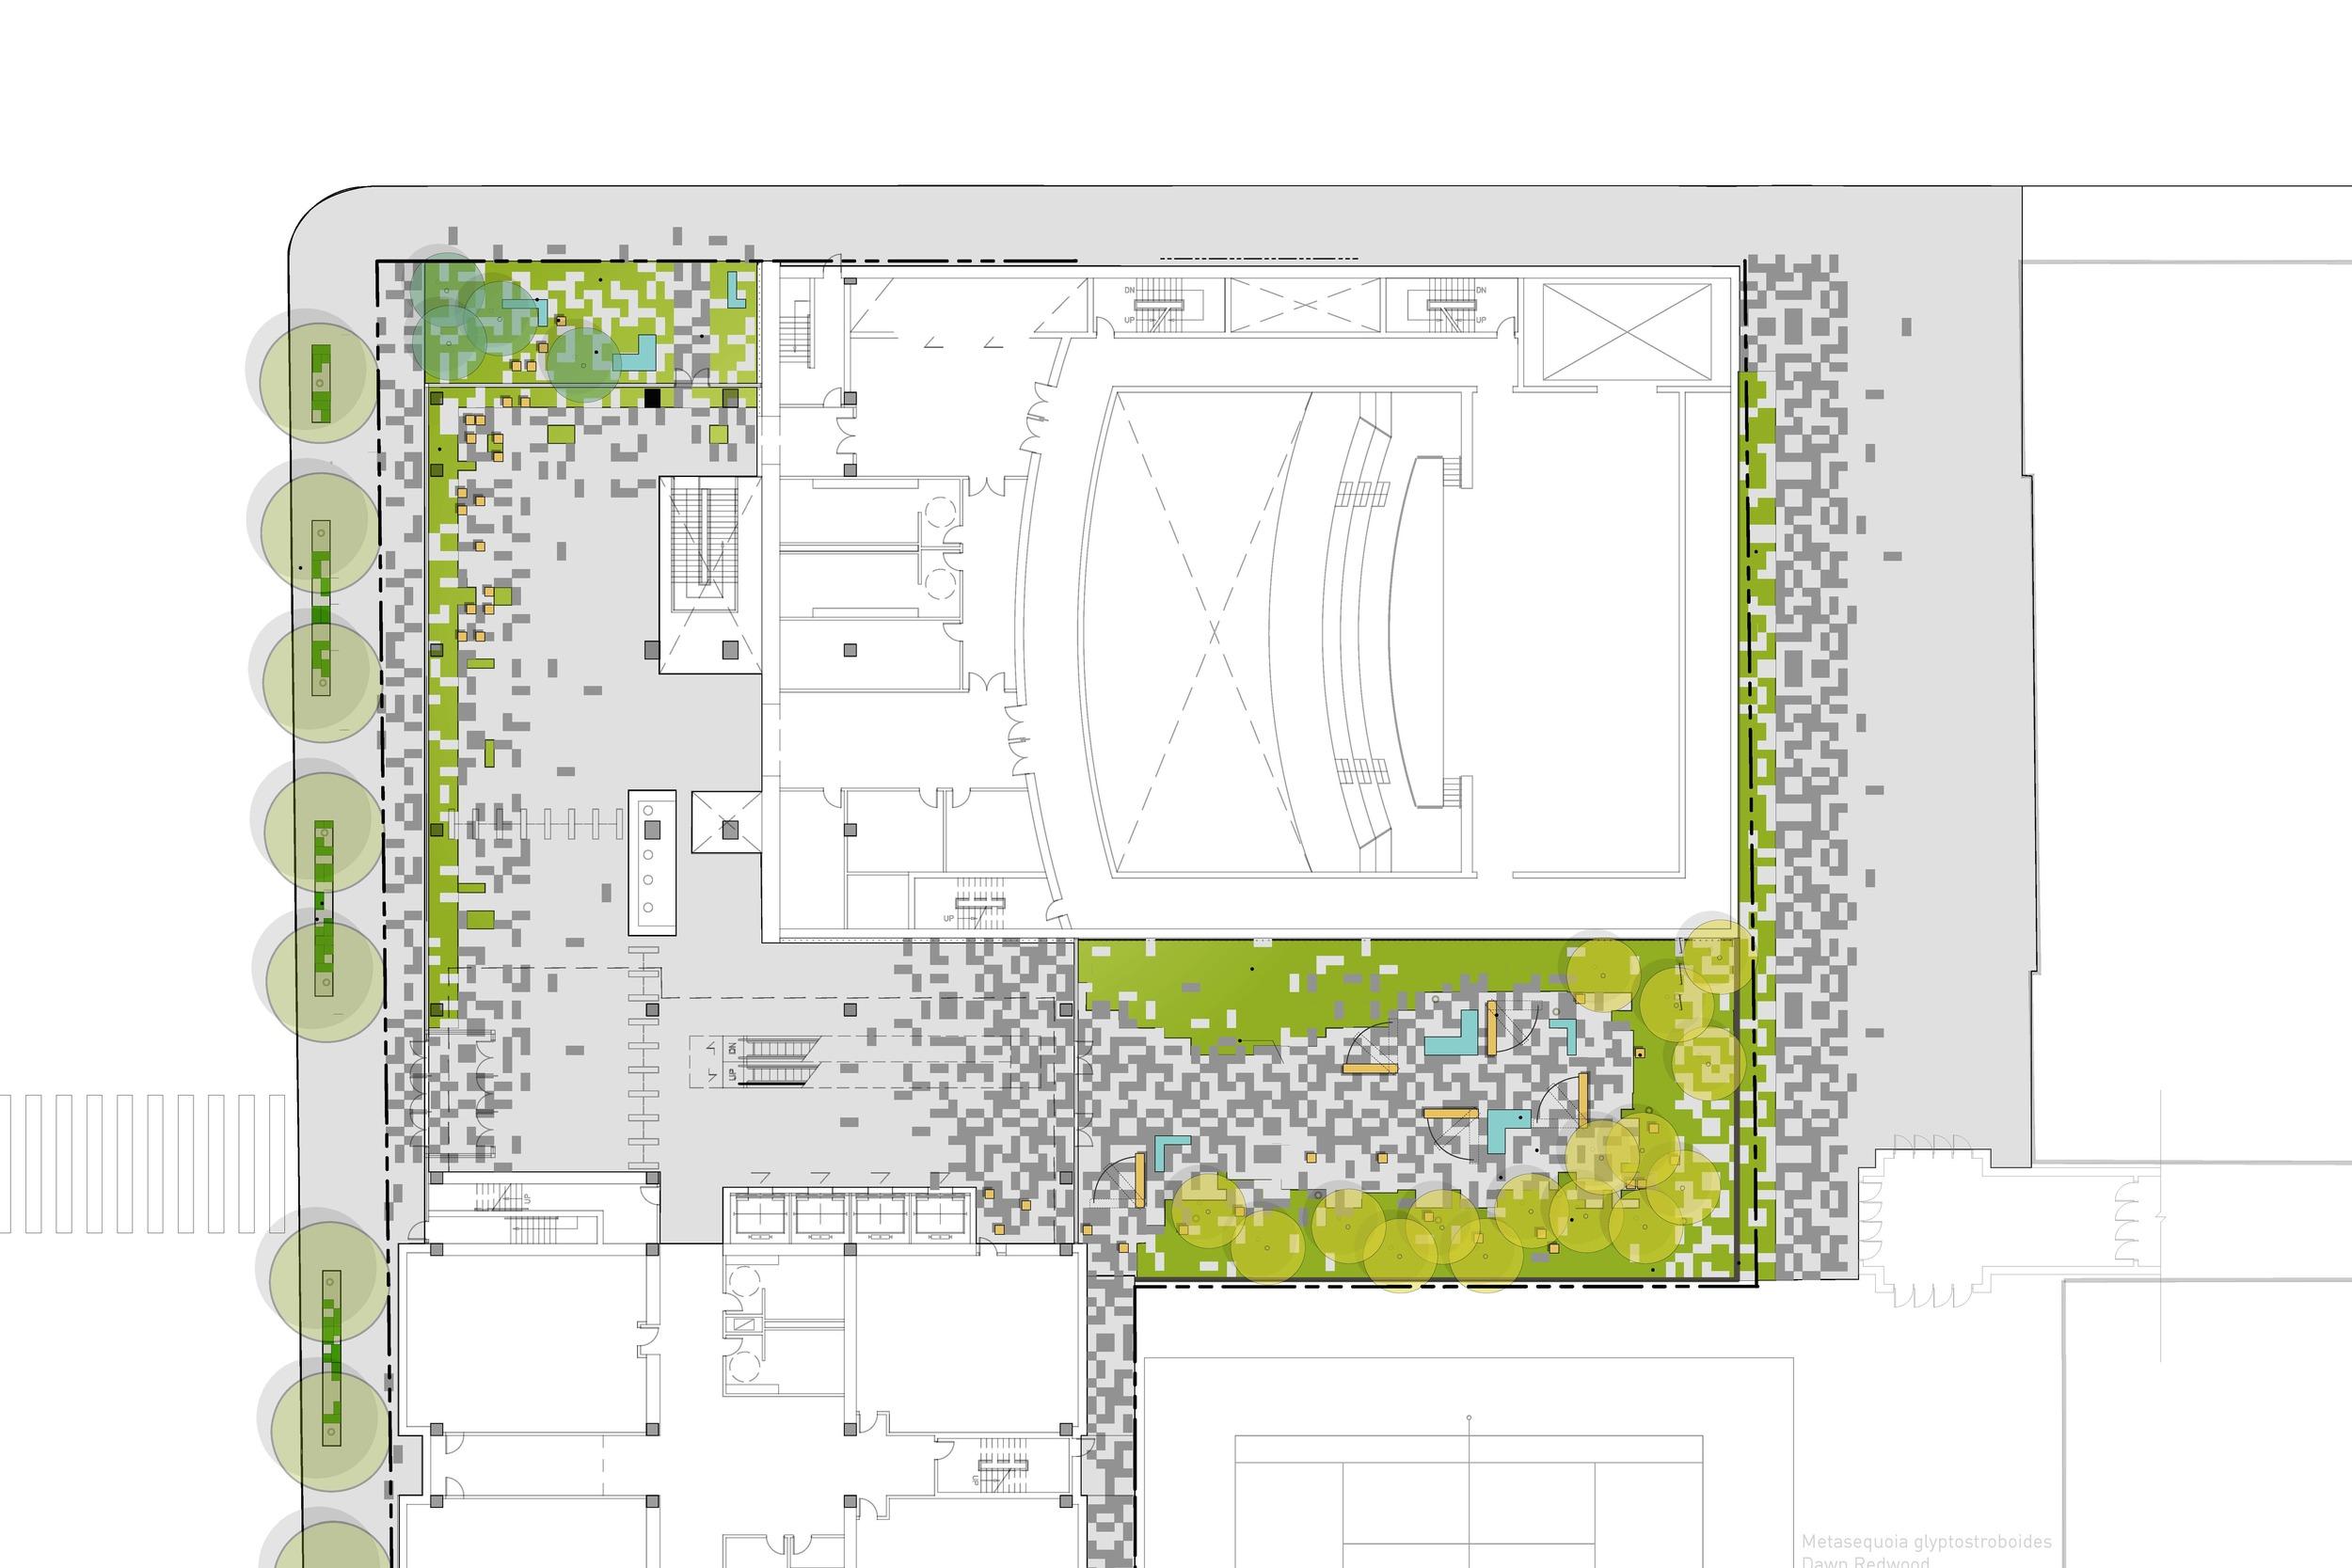 BA_CUNY City Tech_Plan2.jpg